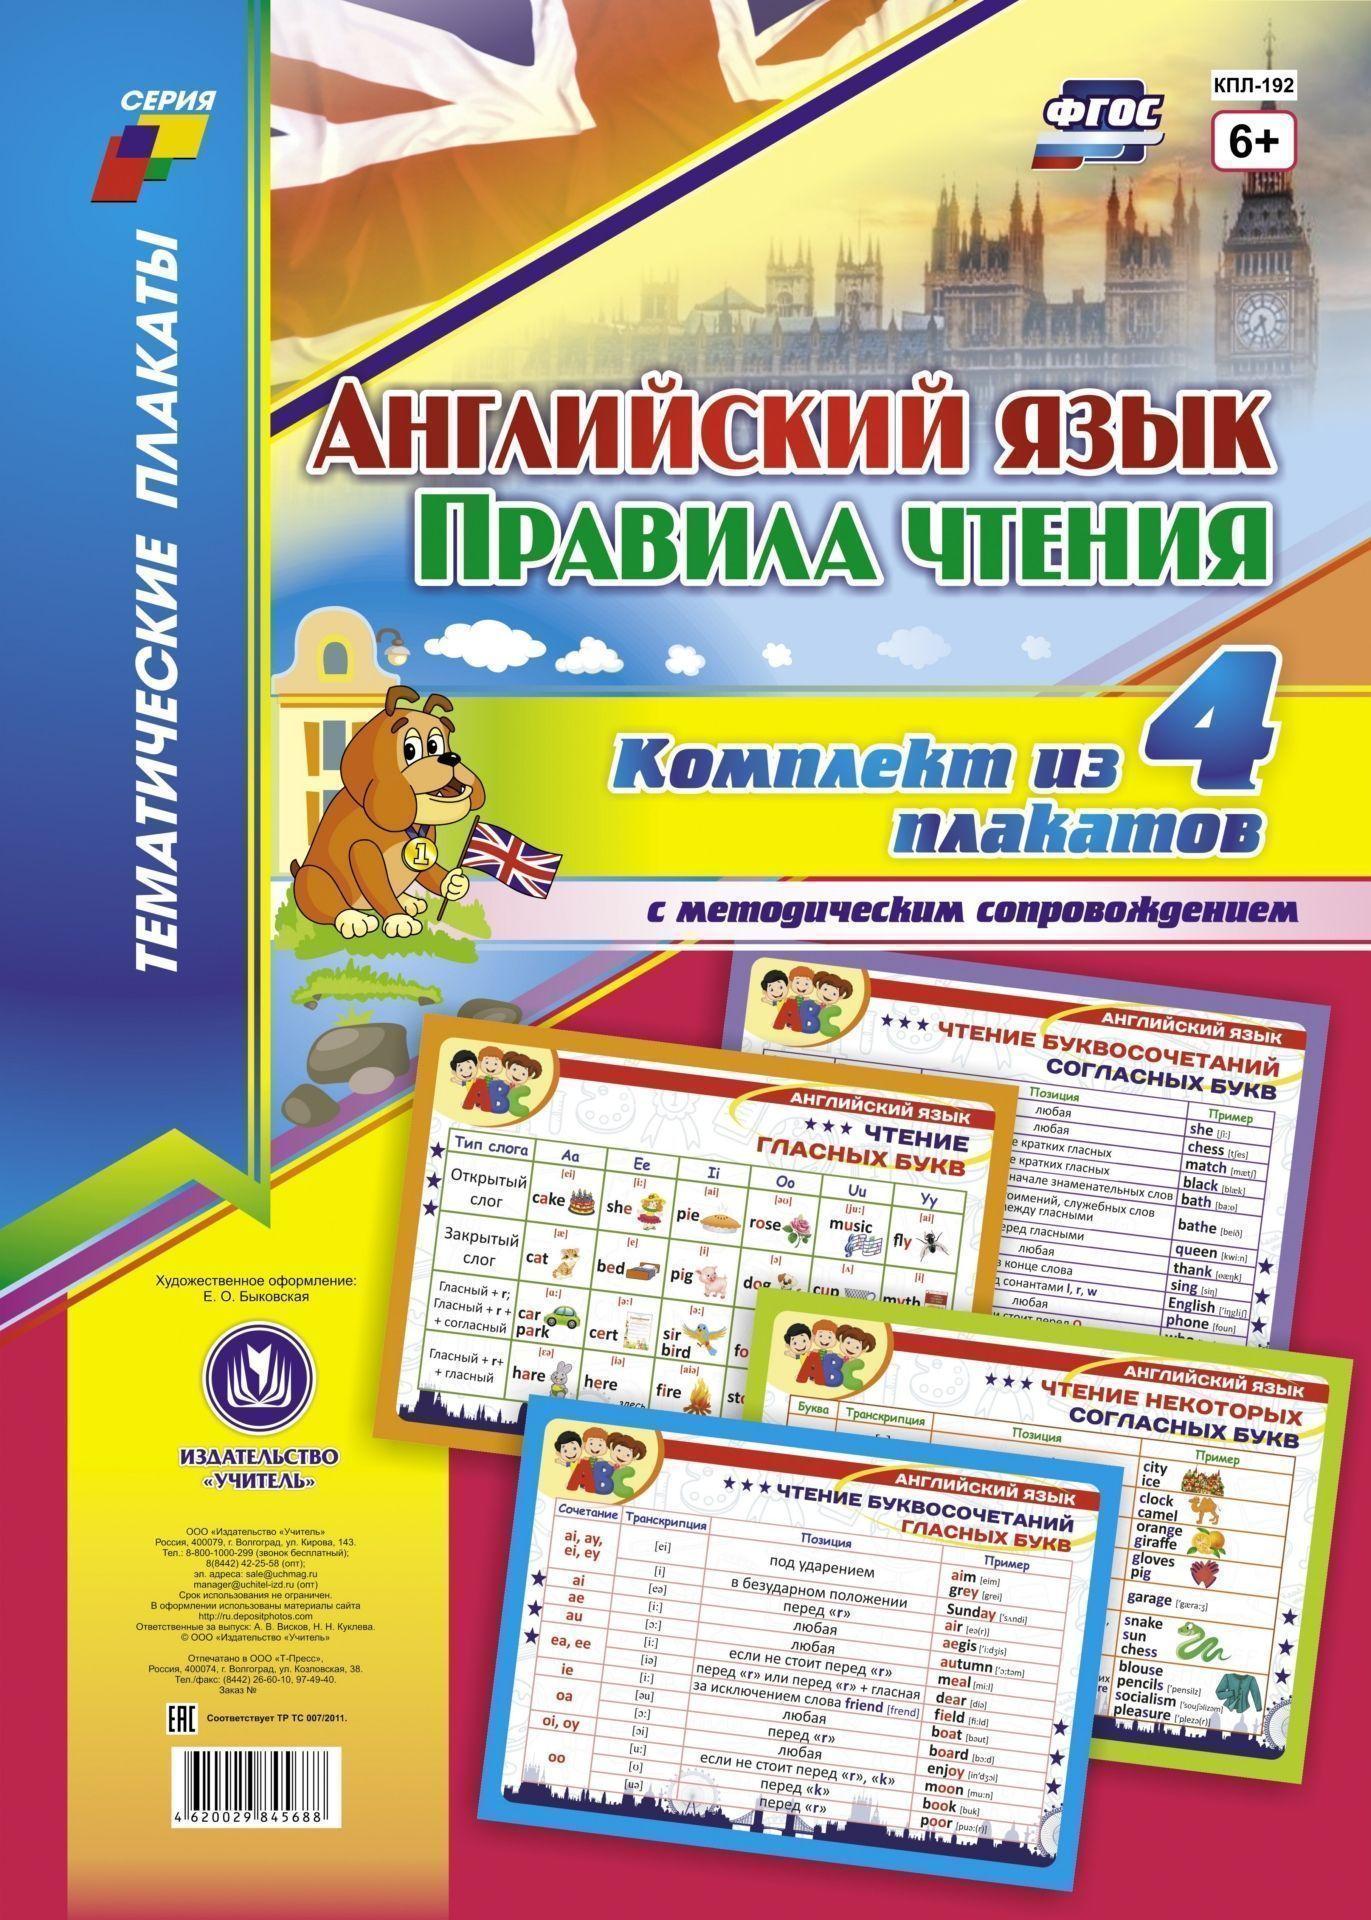 """Комплект плакатов """"Английский язык. Правила чтения"""": 4 плаката с методическим сопровождением"""